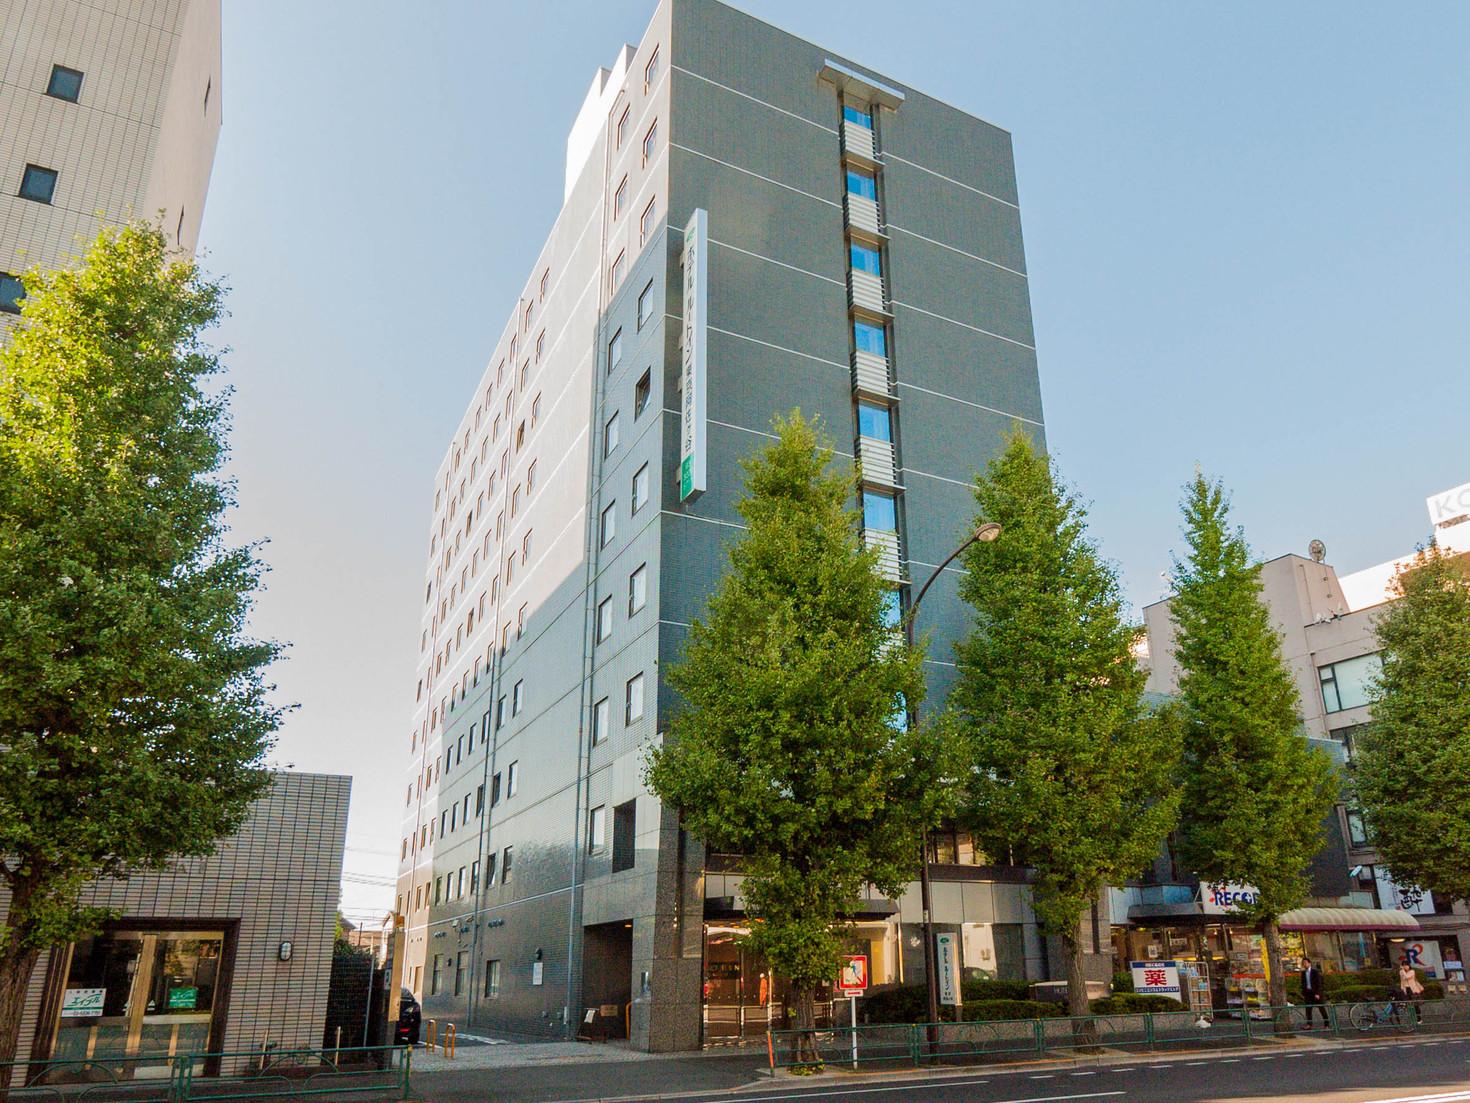 ホテルアミスタ阿佐ヶ谷(ルートイングループ)